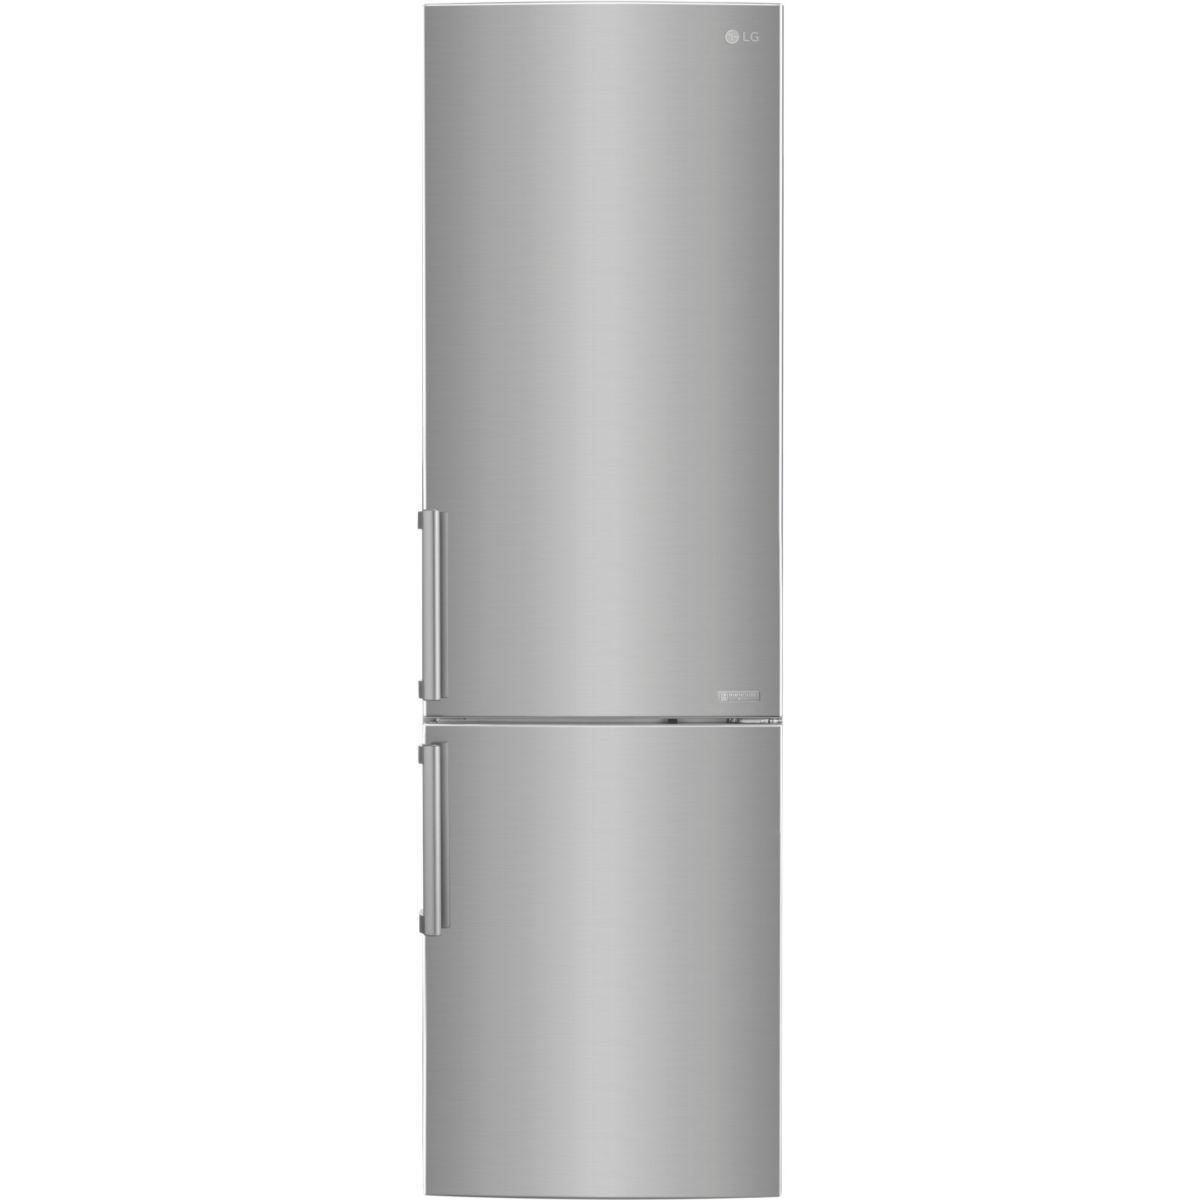 Réfrigérateur congélateur en bas lg gb6348bps - la sélection de l'équipe (photo)